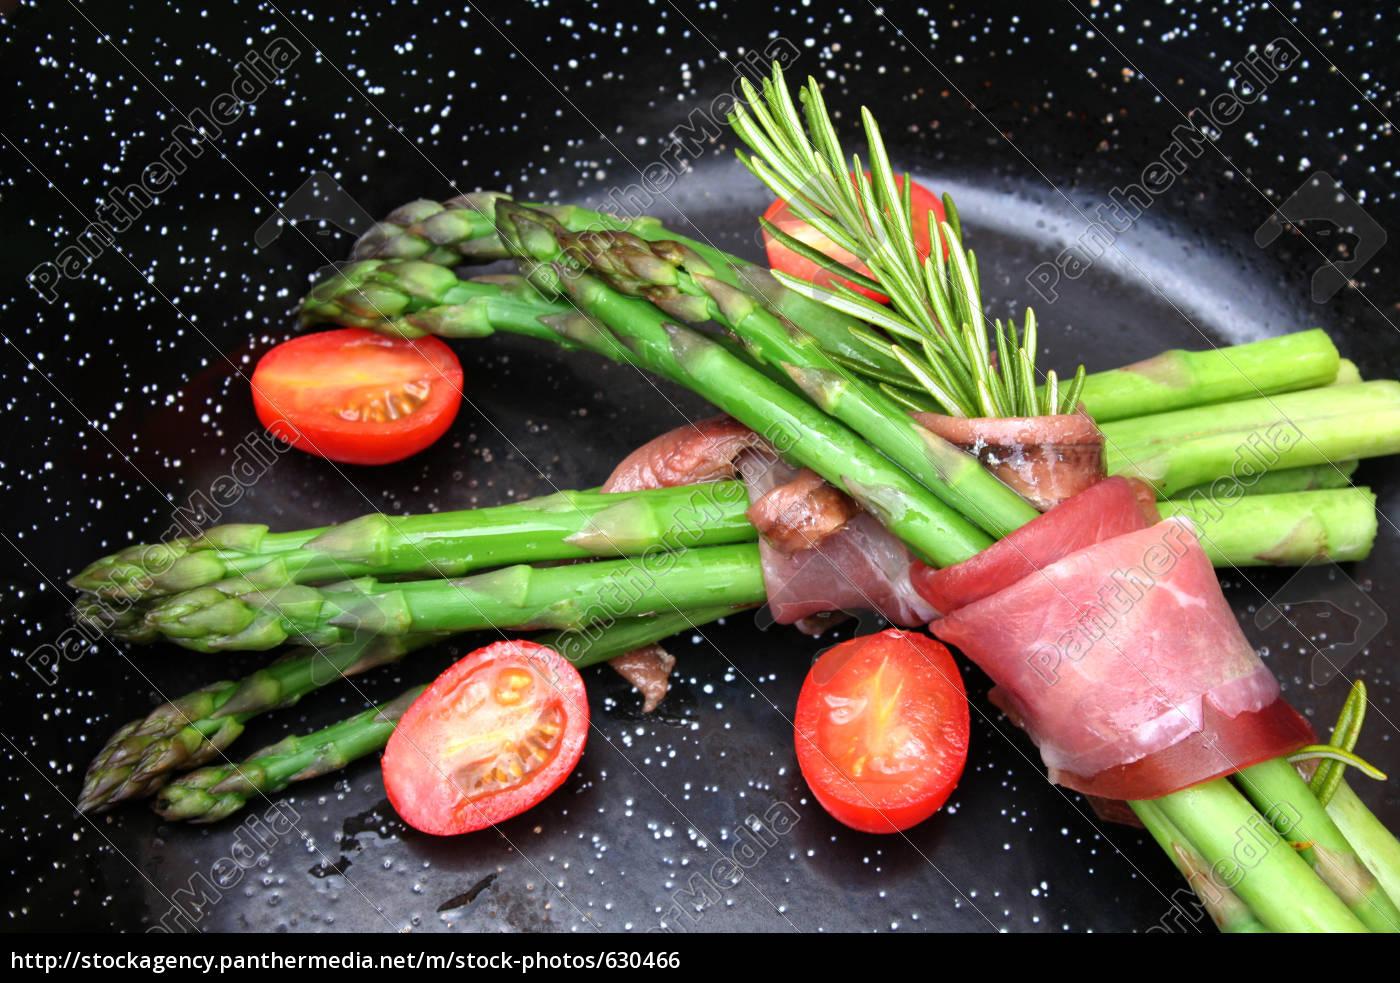 green, asparagus - 630466